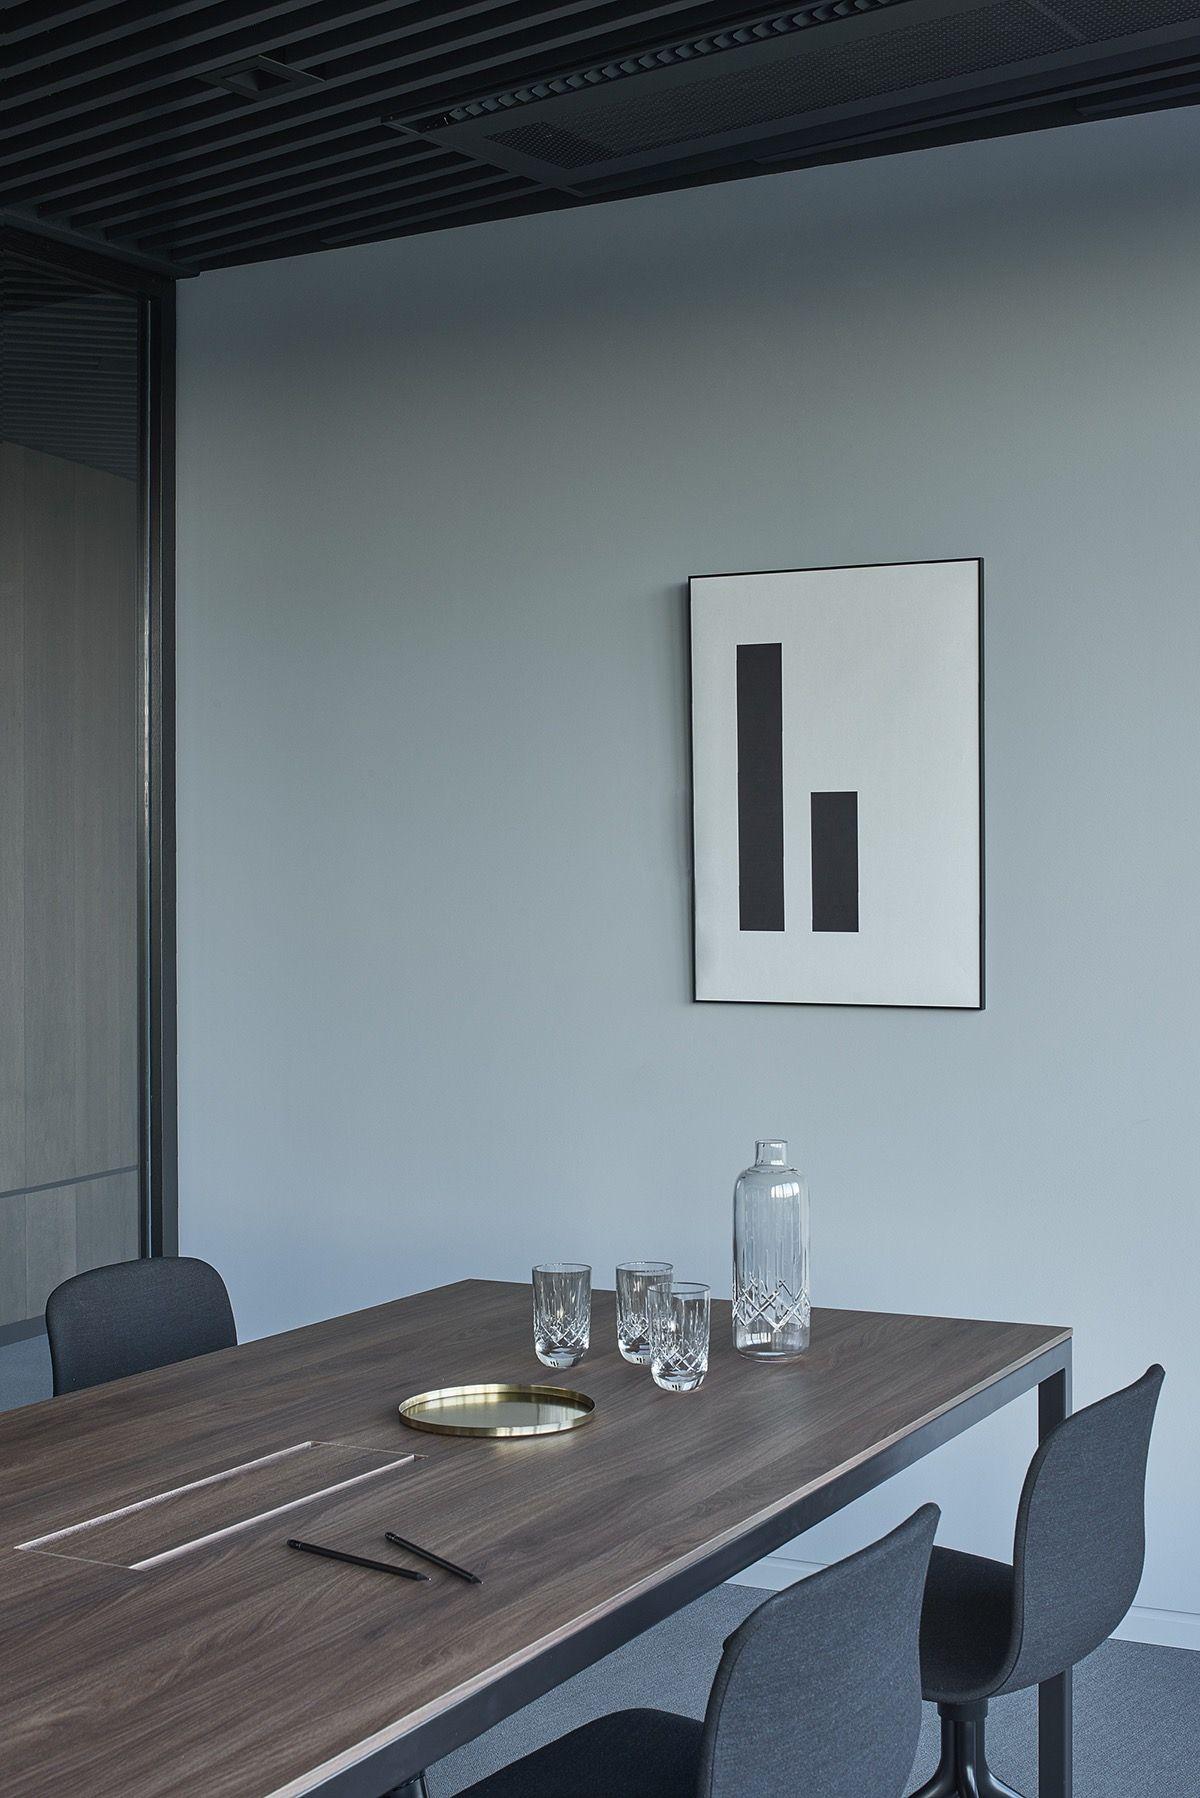 Inside cerniauskas ir partneriai   elegant vilnius office also best id home dining rooms images in room dinner rh pinterest